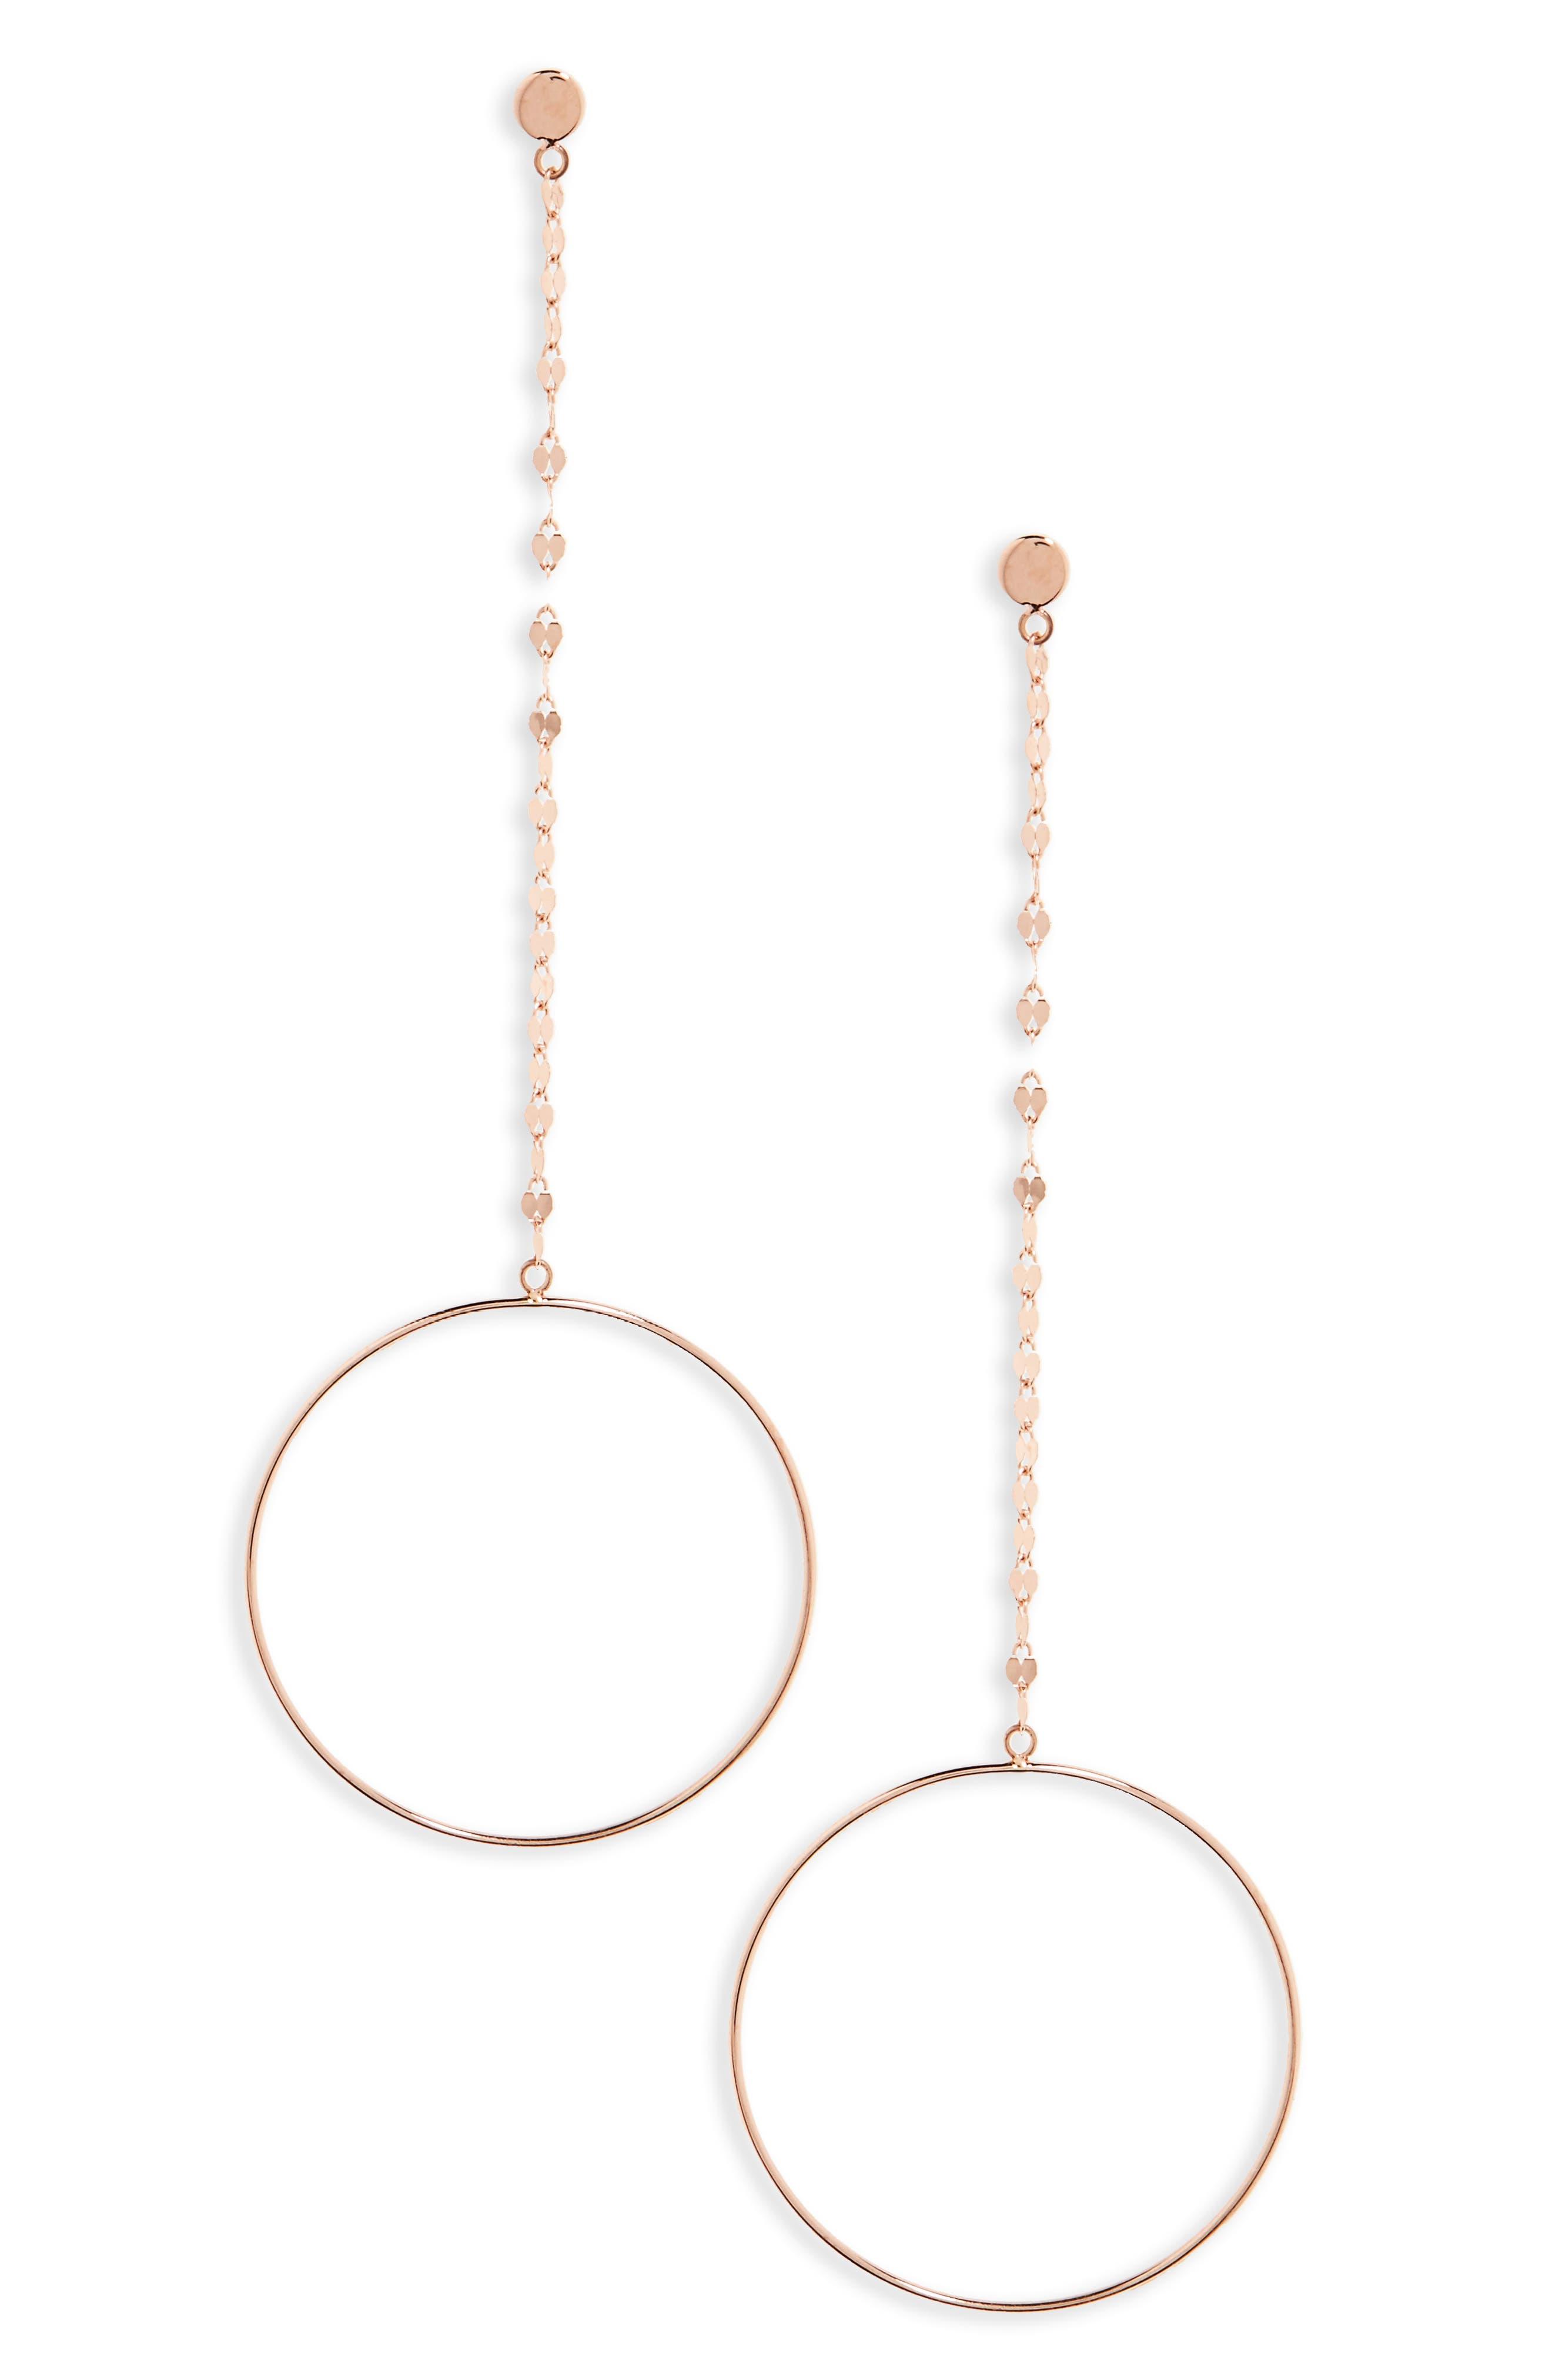 Lana Jewelry Duster Earrings